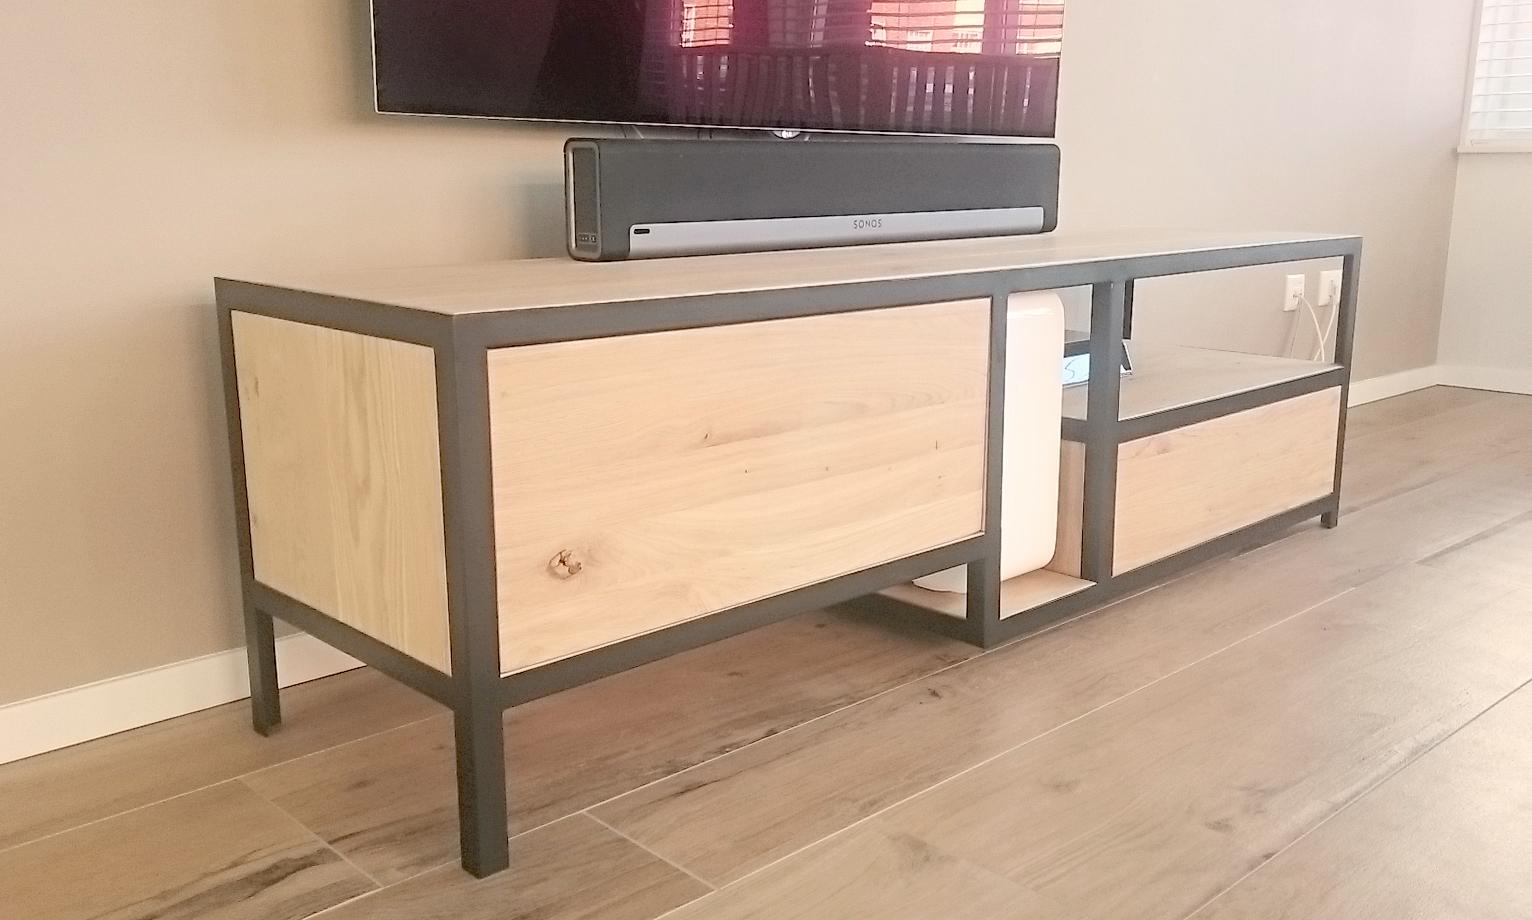 Hout En Staal Tv Meubel.Tv Meubel Staal En Hout Joyce Flendrie Interior Design